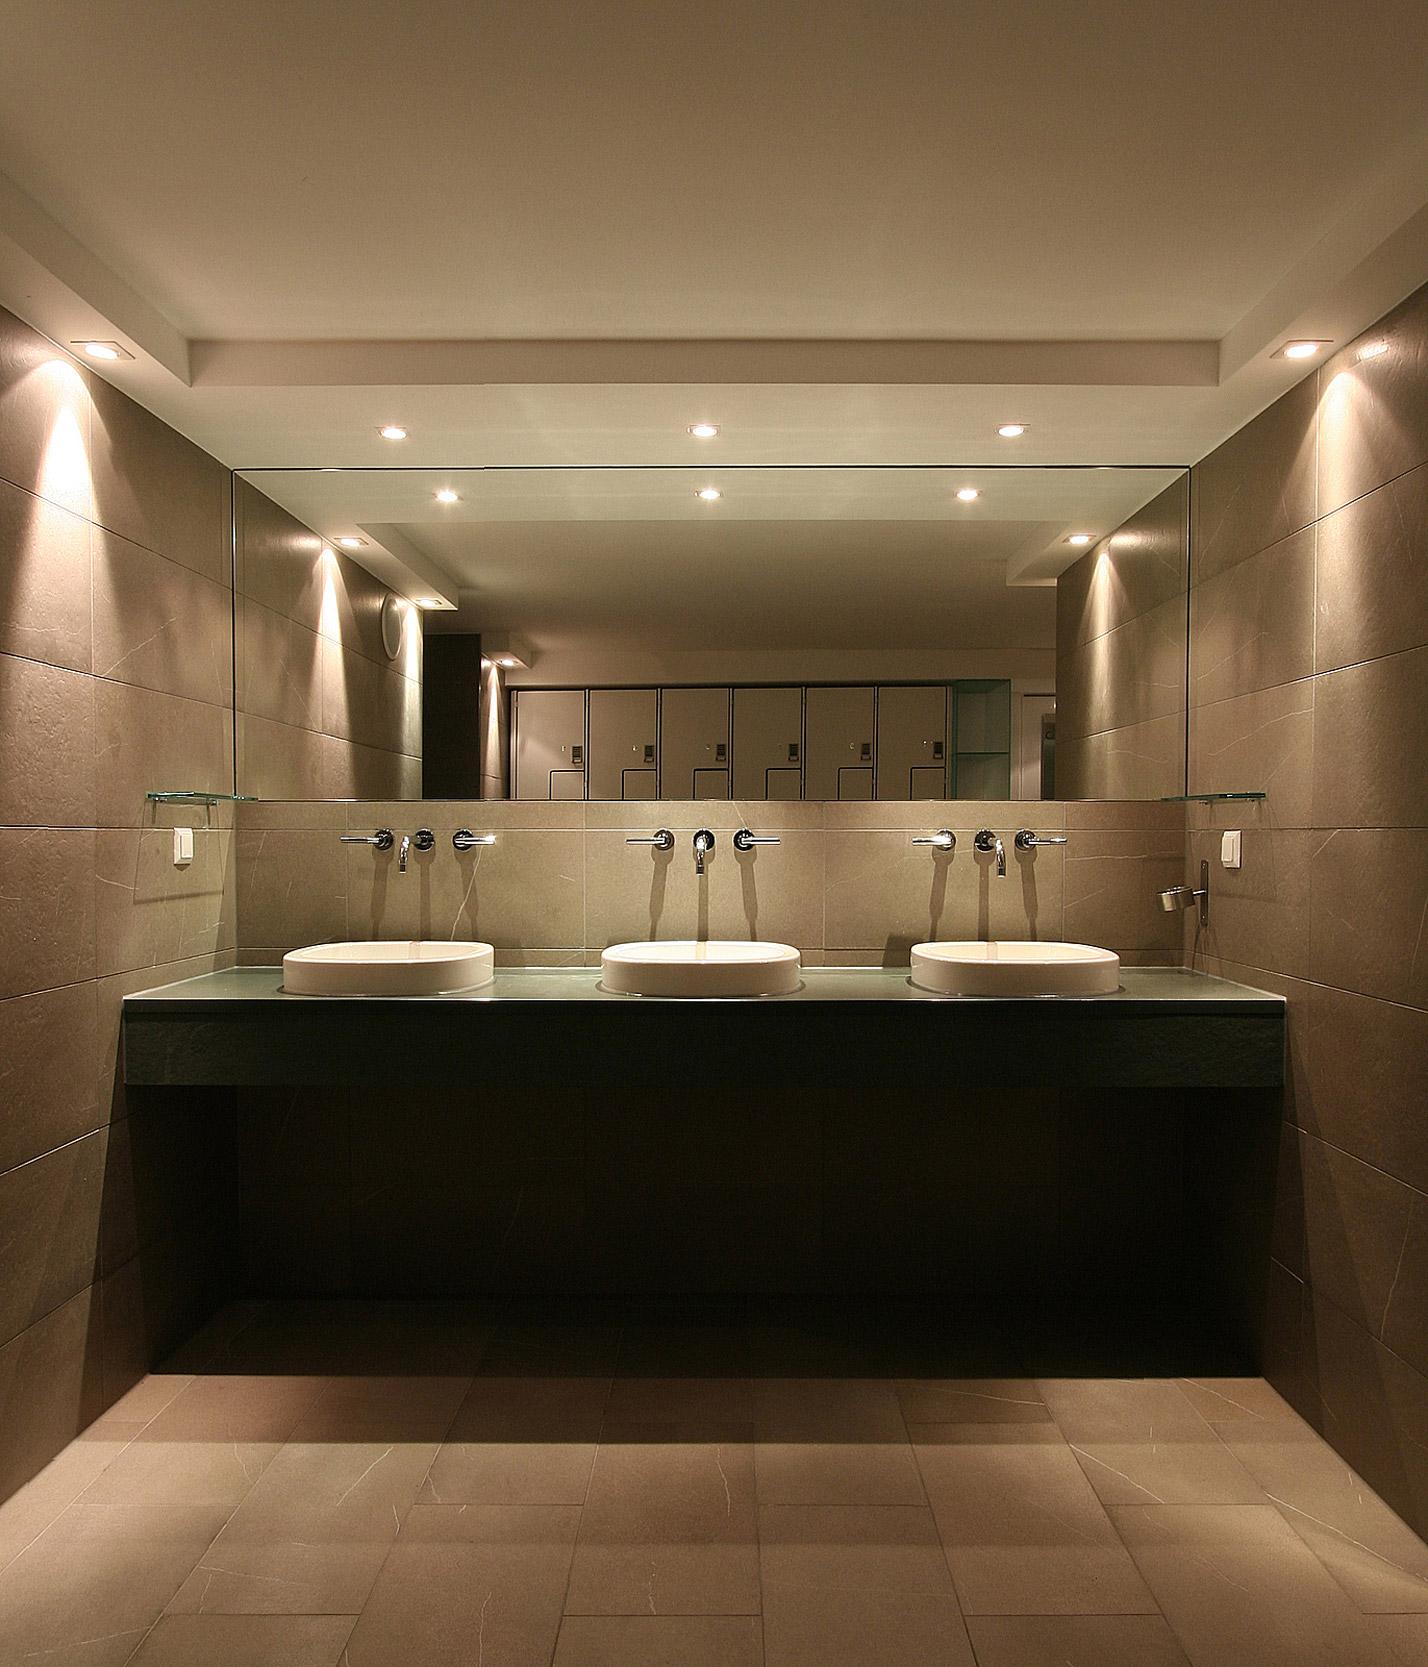 Die Waschtischanlagen sind minimalistisch gestaltet und exklusiv ausgestattet.